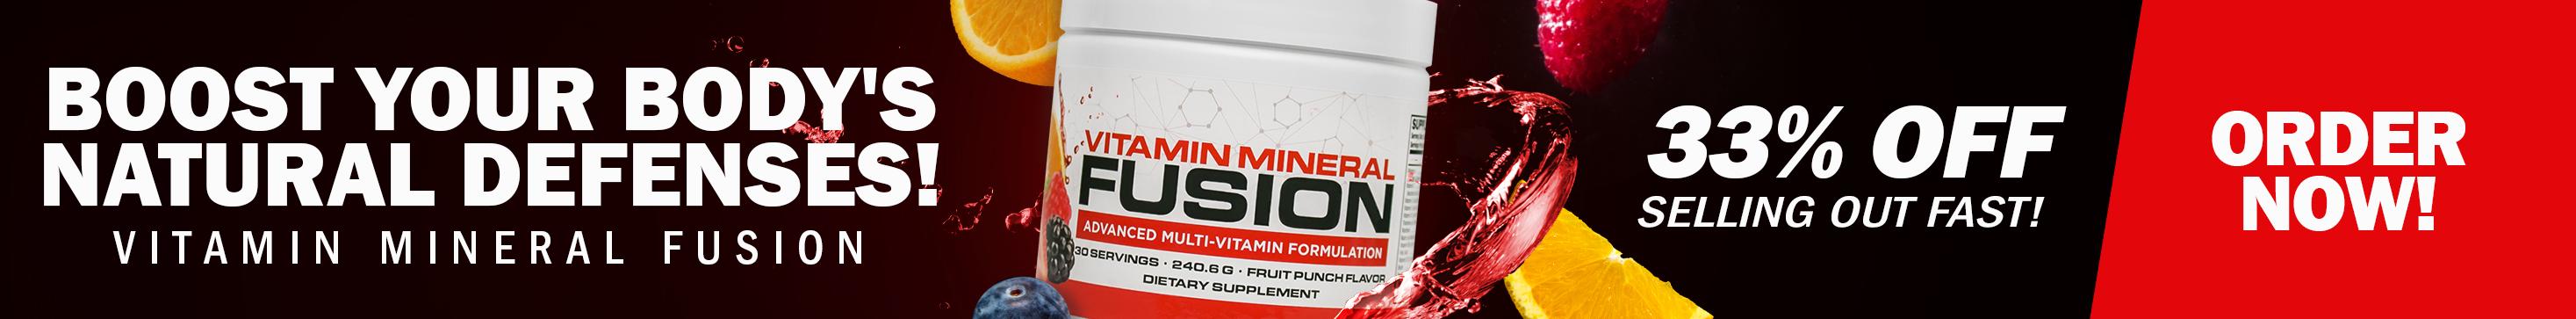 VitaminMineralFusion-TopBanner-4.png